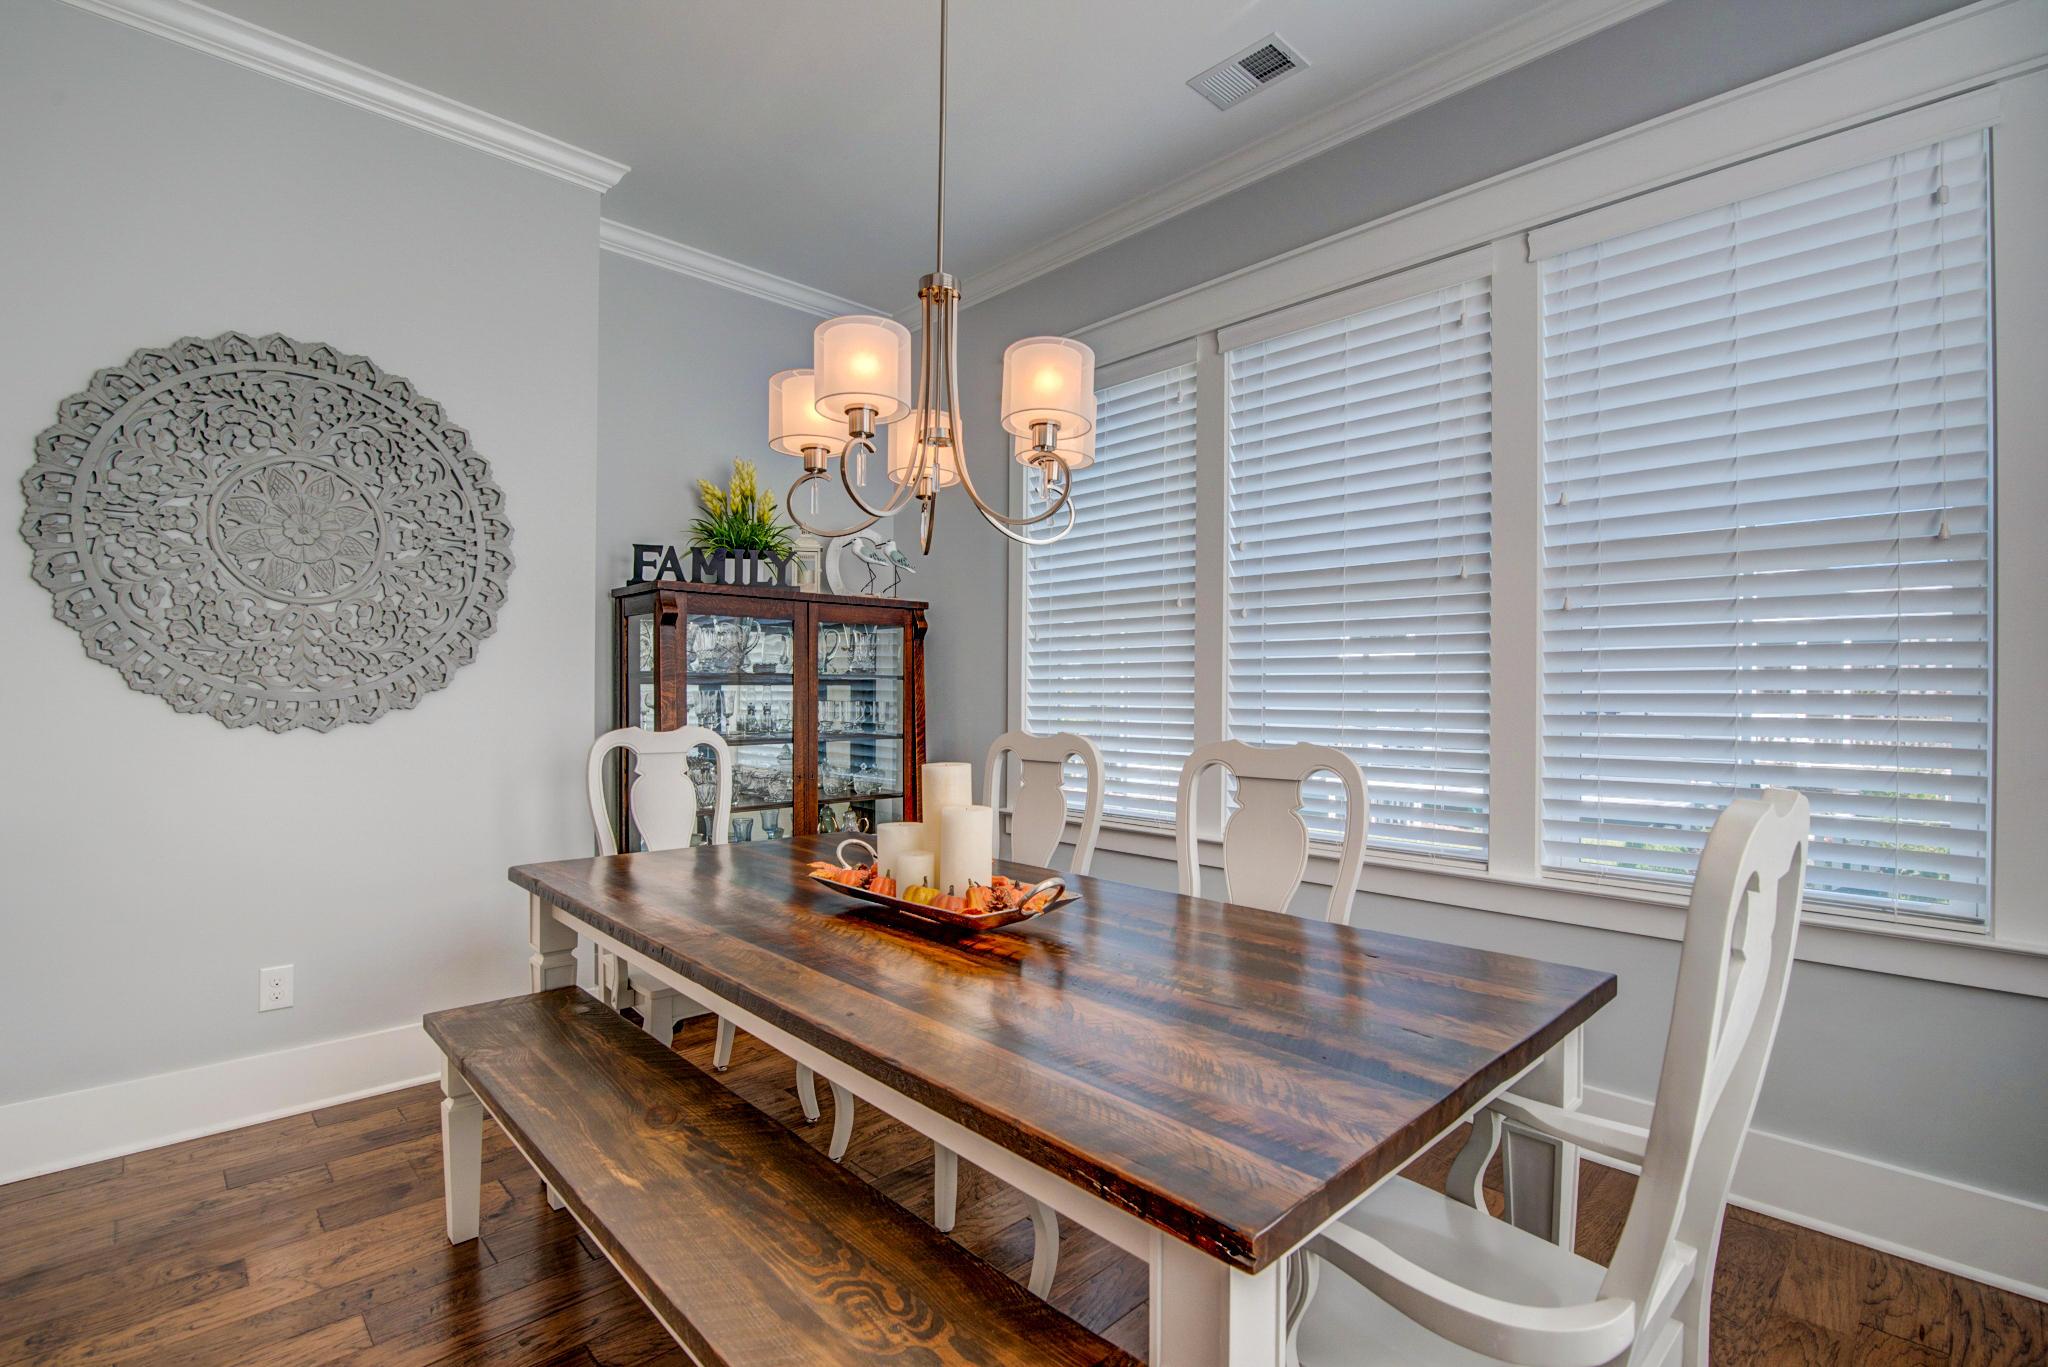 Dunes West Homes For Sale - 2883 River Vista, Mount Pleasant, SC - 42